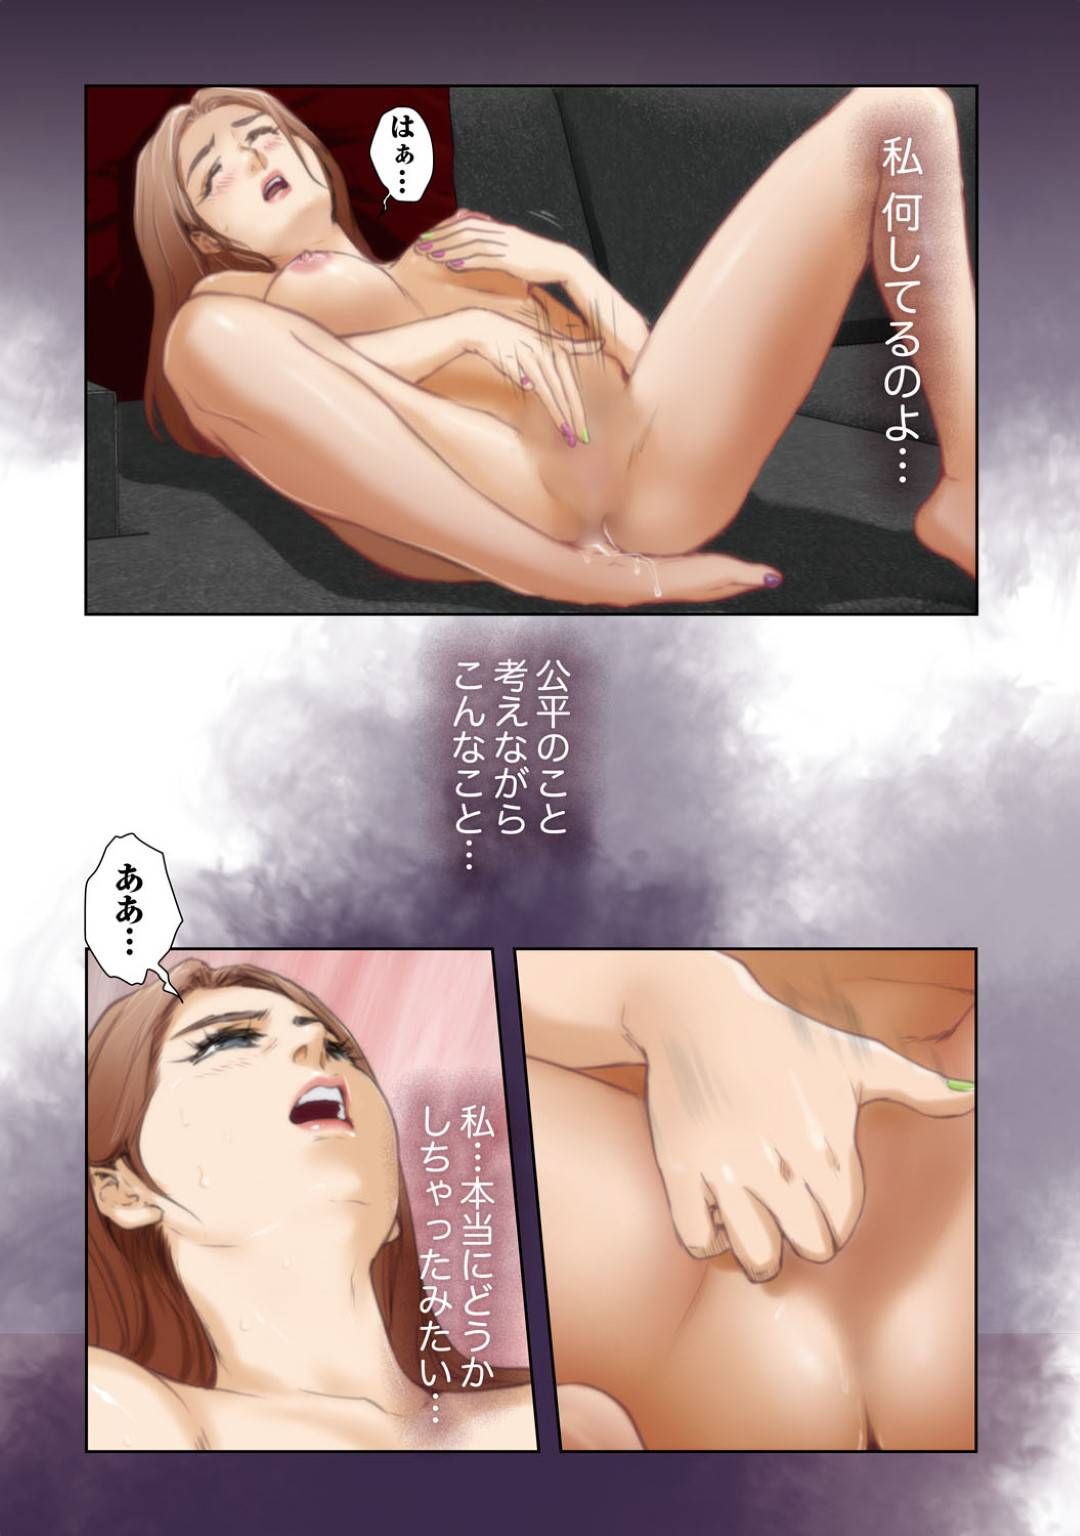 【エロ漫画】愛しの男を妄想しながらオナニーの手が止まらずにイキ狂う美女。隠れてSEXする男女の部屋に入って、女のイカセ方を伝授する!